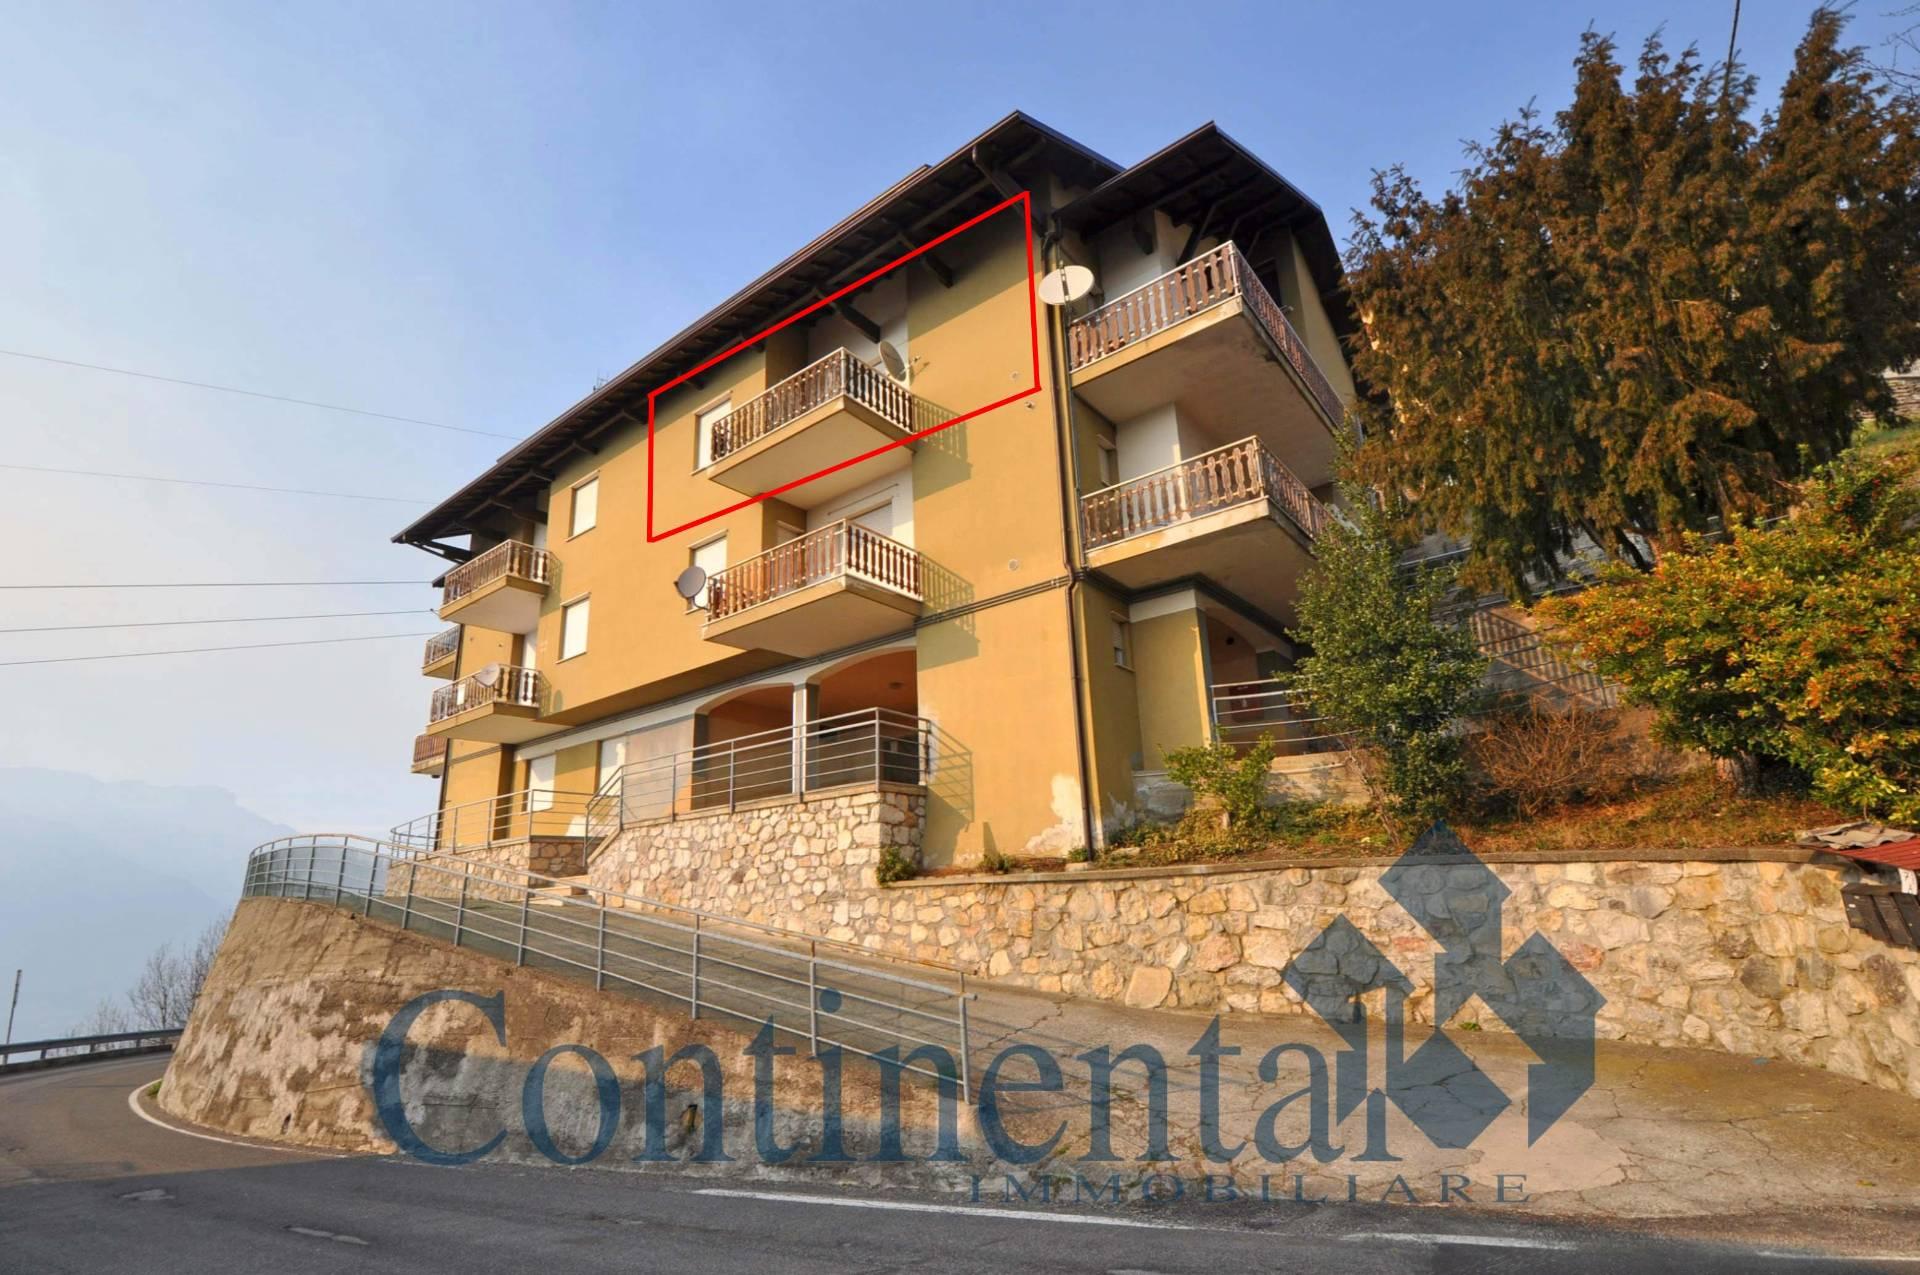 Appartamento in vendita a San Pellegrino Terme, 2 locali, zona Località: S.aCroce, prezzo € 20.000 | PortaleAgenzieImmobiliari.it